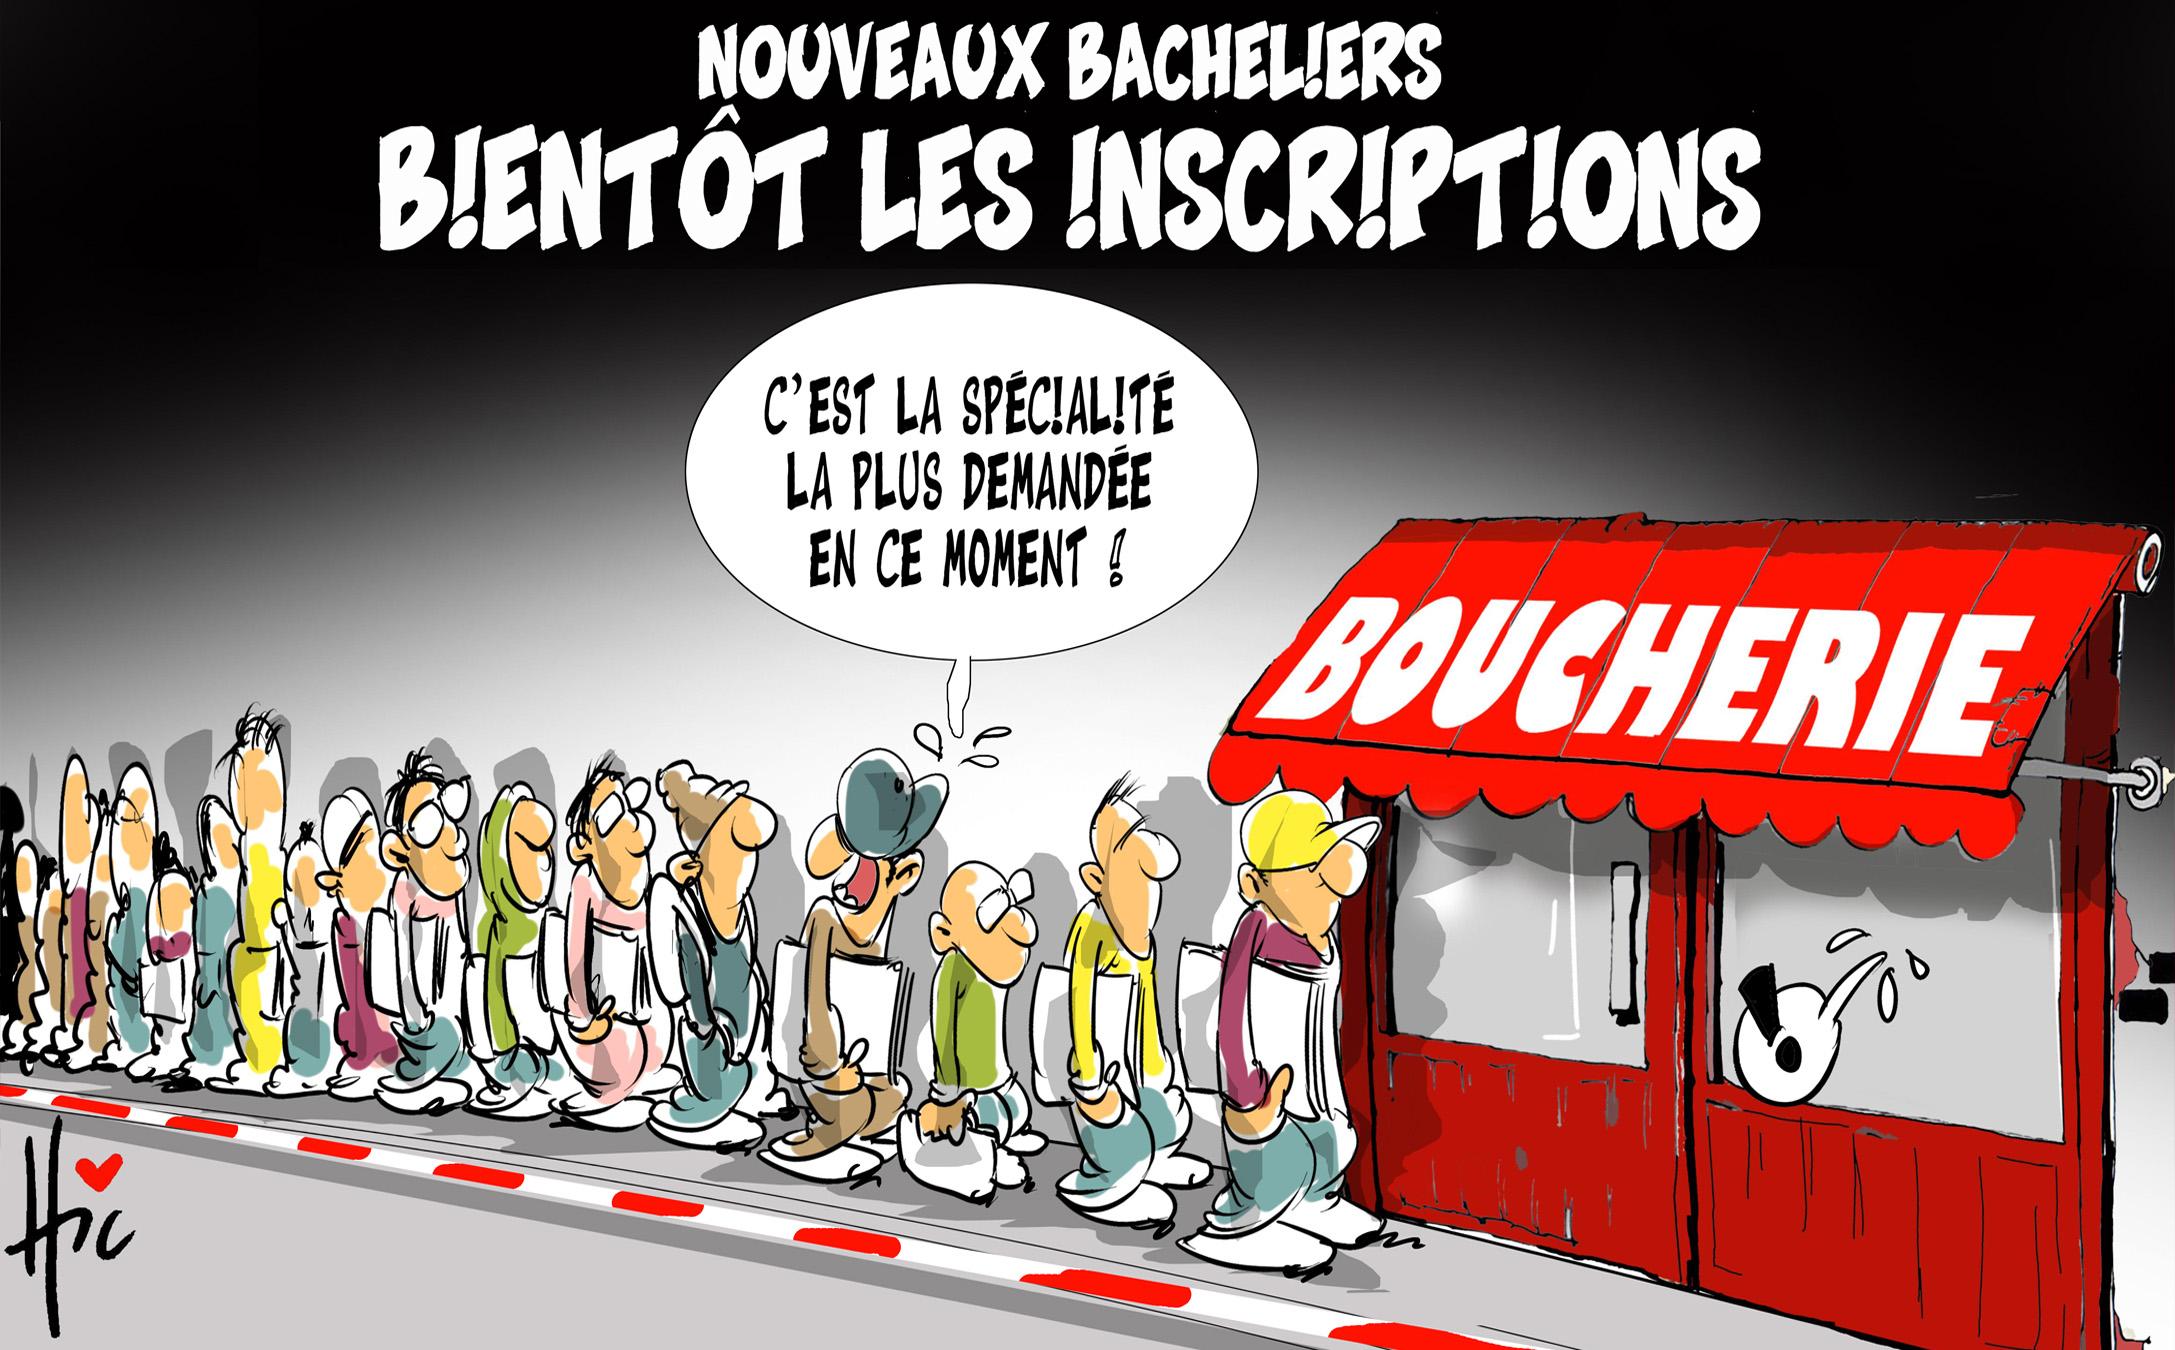 Nouveaux bacheliers, bientôt les inscriptions - Dessins et Caricatures, Le Hic - El Watan - Gagdz.com